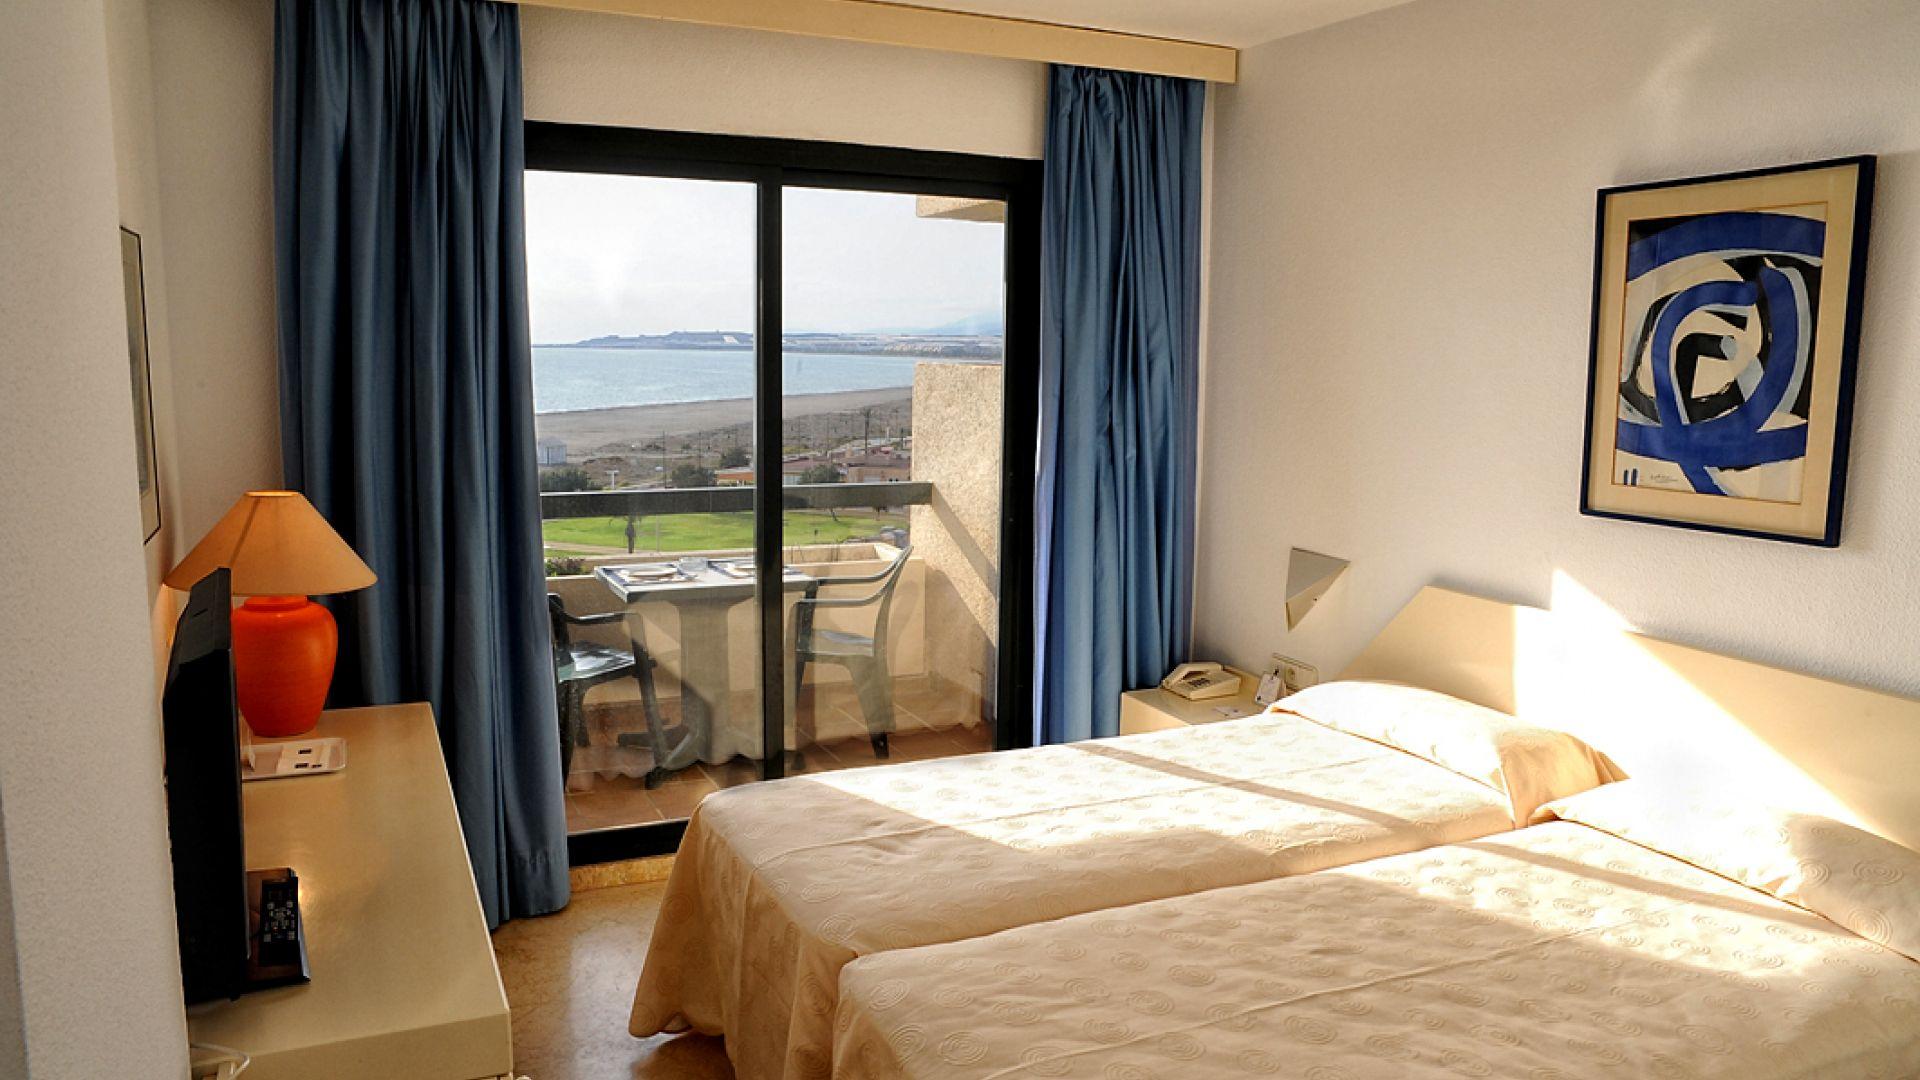 Hotel almerimar resort andaluzja costa almeria hiszpania for Habitaciones de hotel para 5 personas